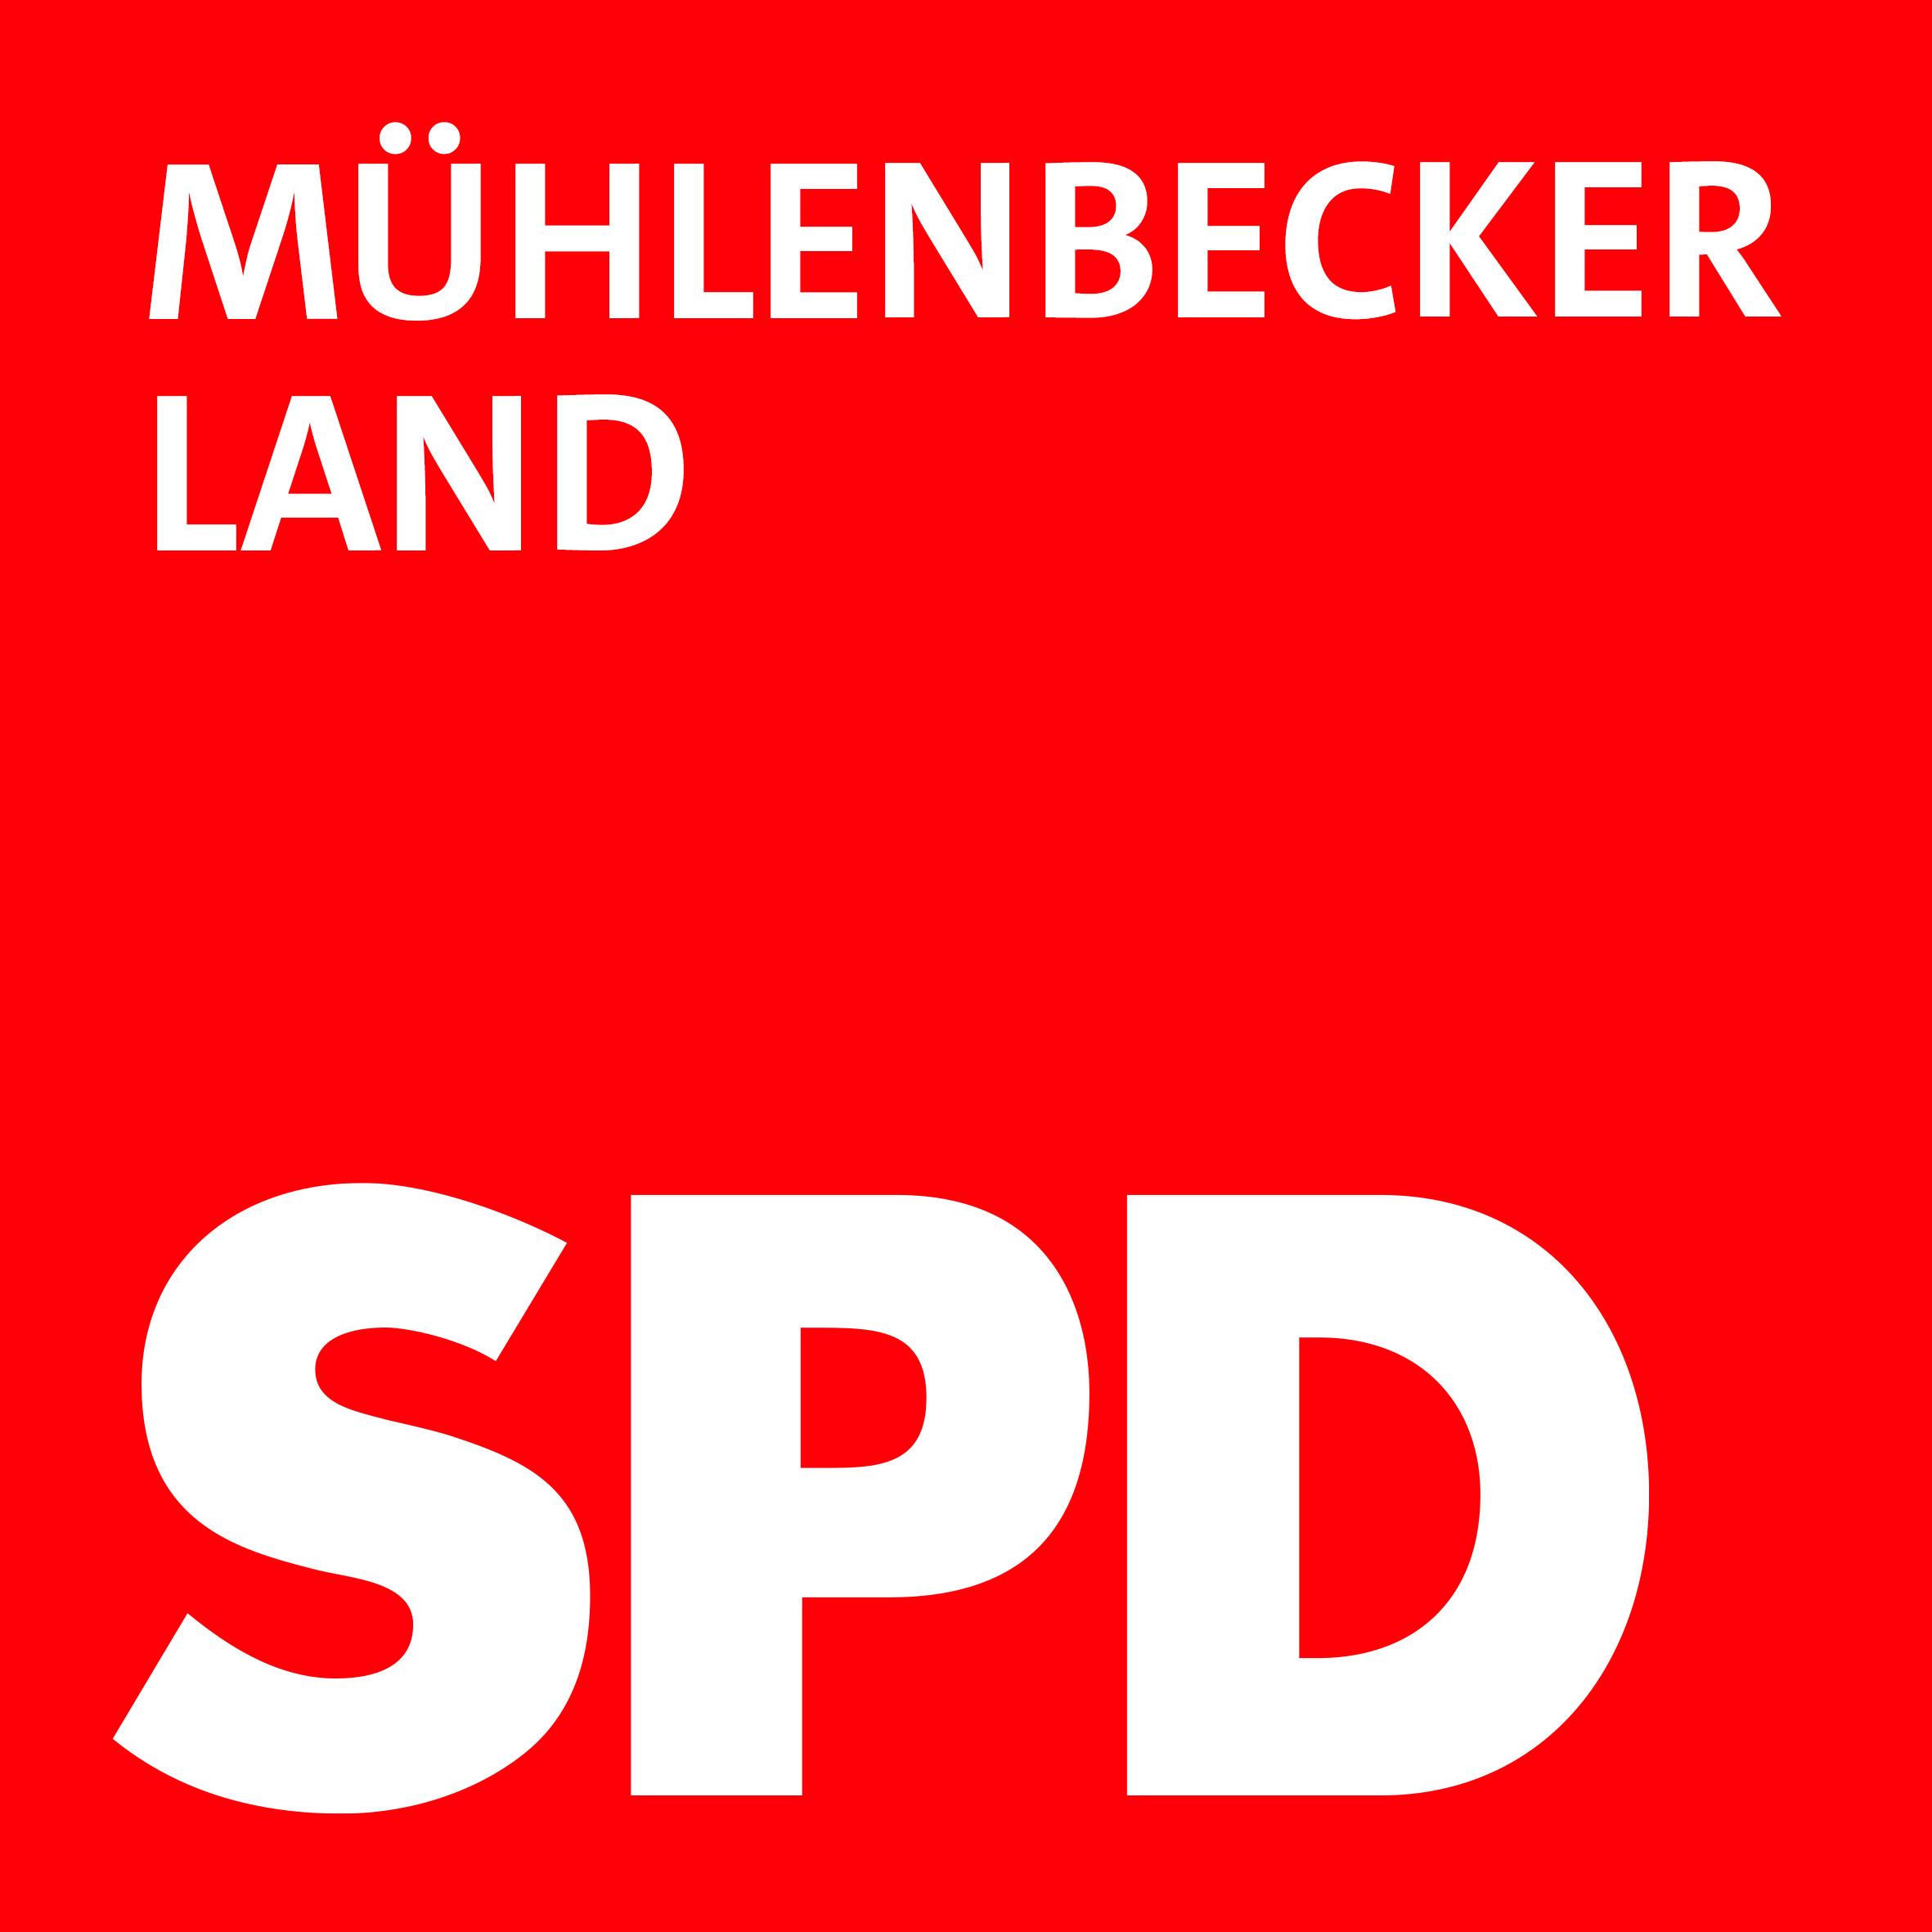 SPD Mühlenbecker Land